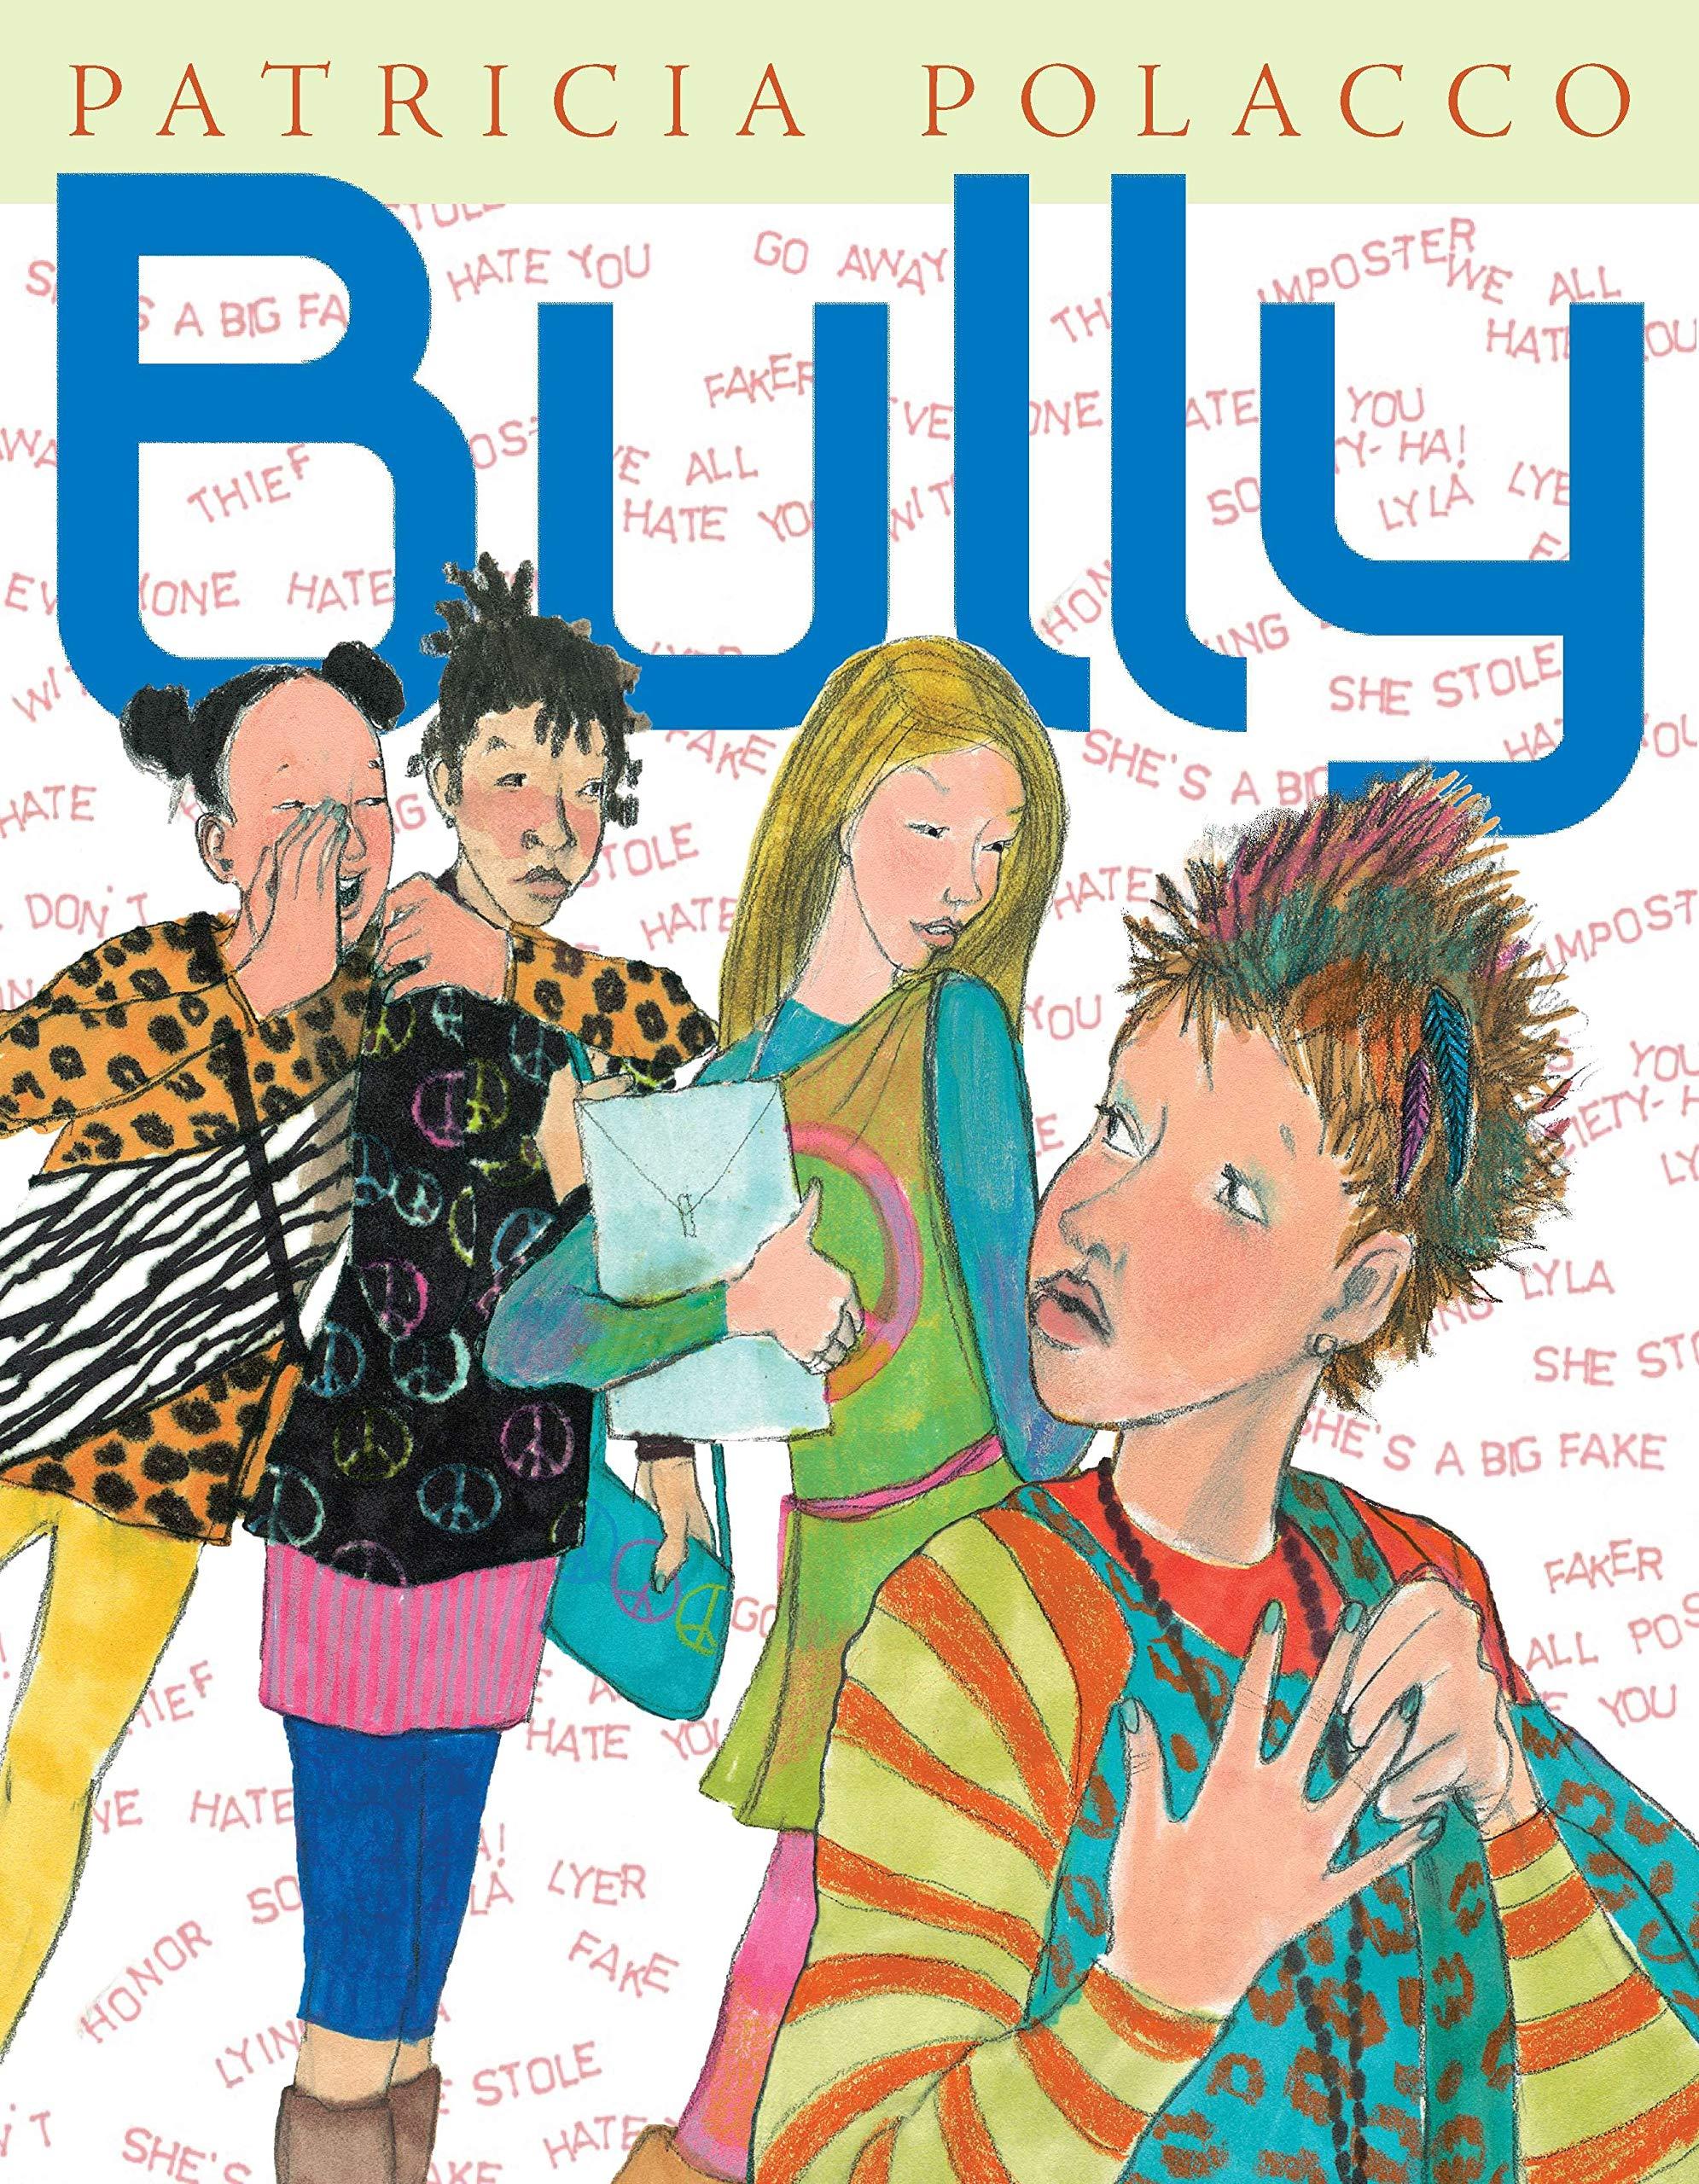 Bully: Patricia Polacco: 9780399257049: : Books